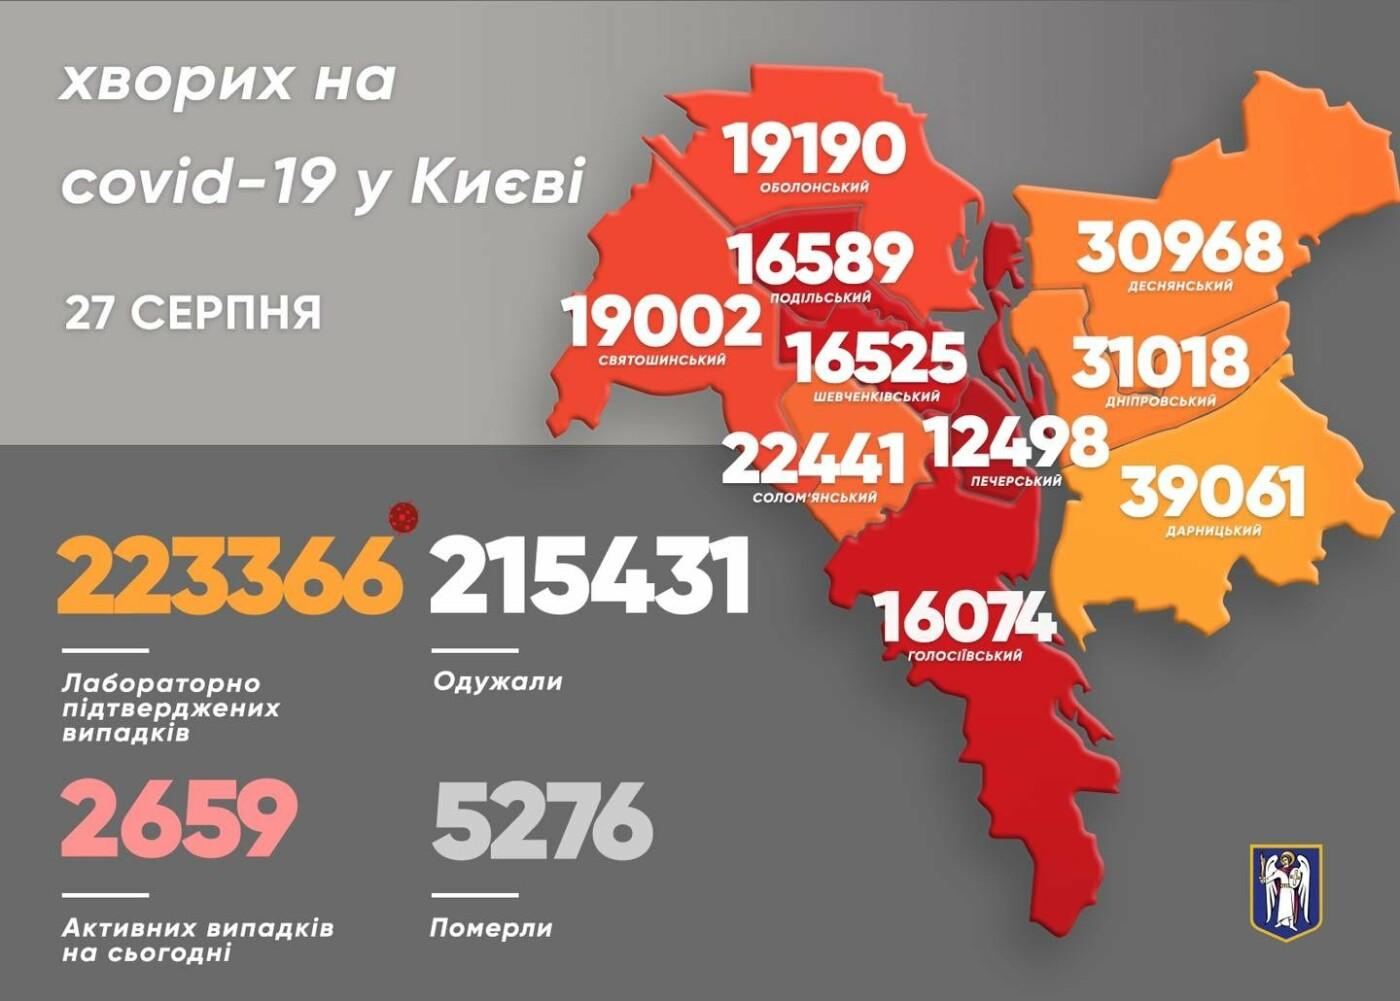 Статистика на 27 августа